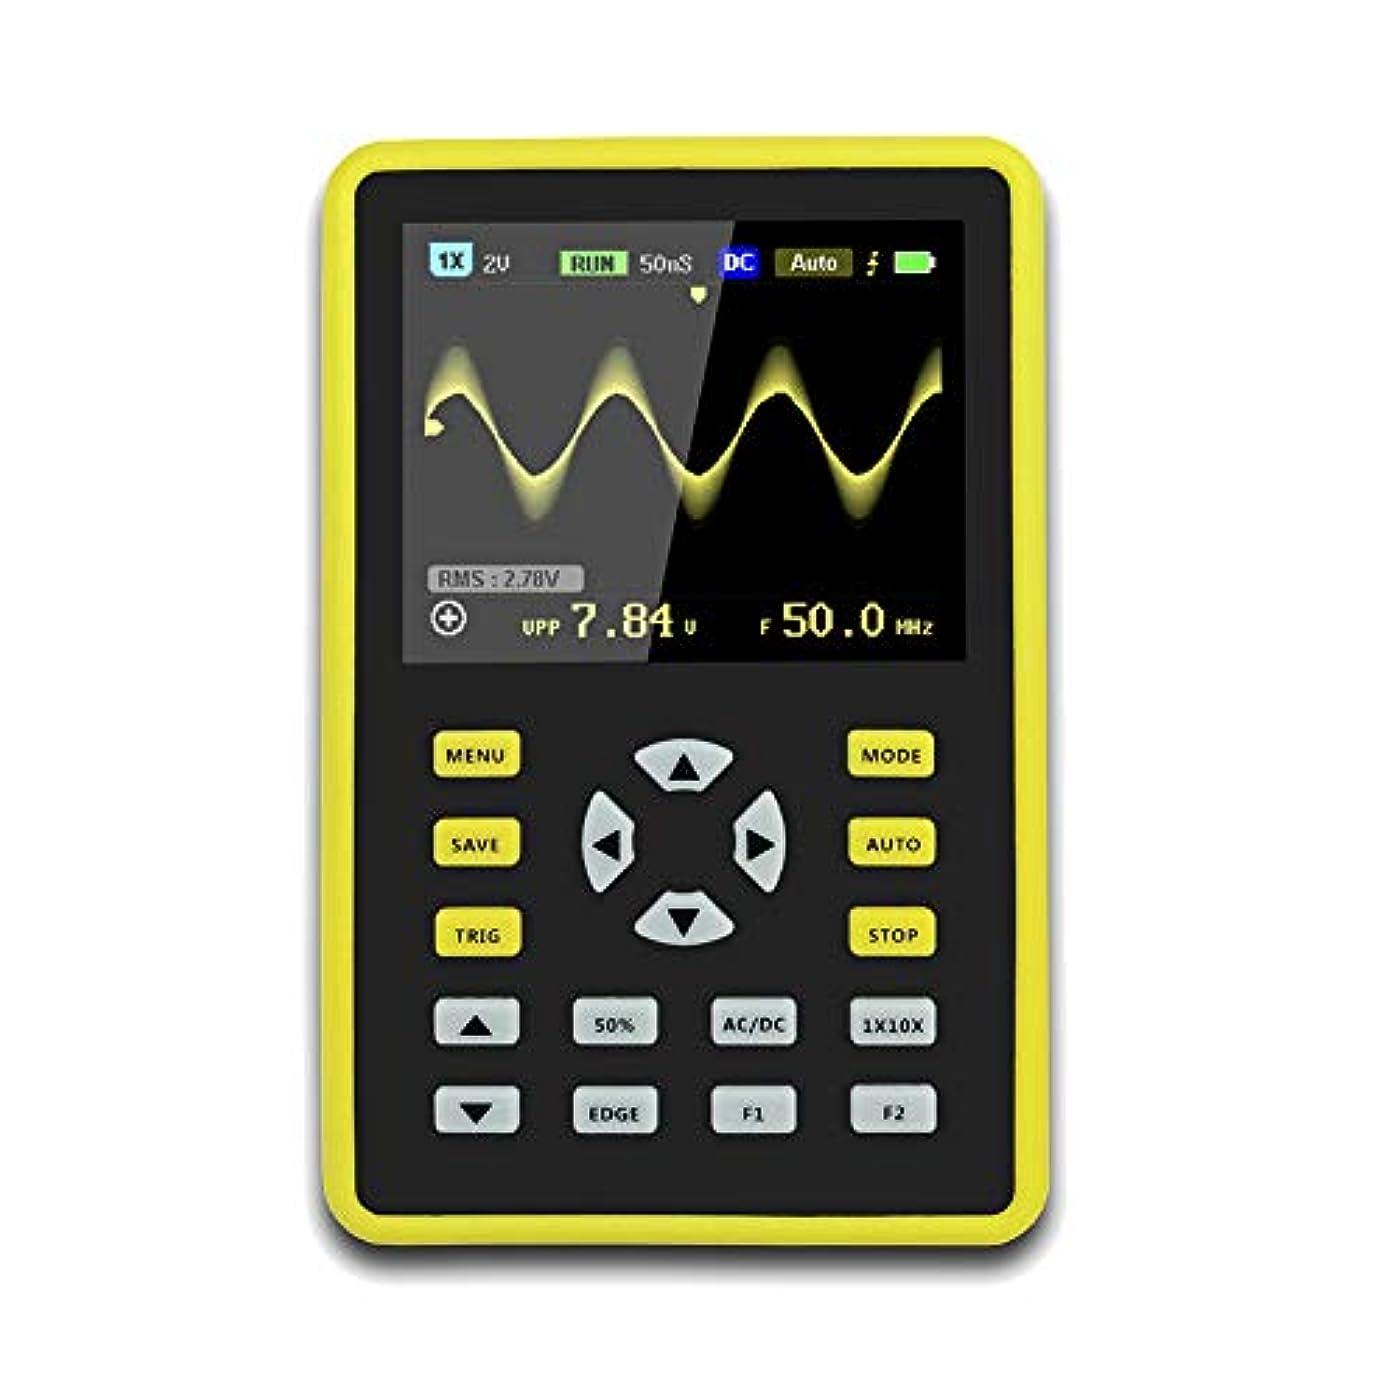 と闘う流産魅力Xlp  手持ち型デジタル小型オシロスコープ2.4インチ500 MS/s IPS LCD表示スクリーンの携帯用